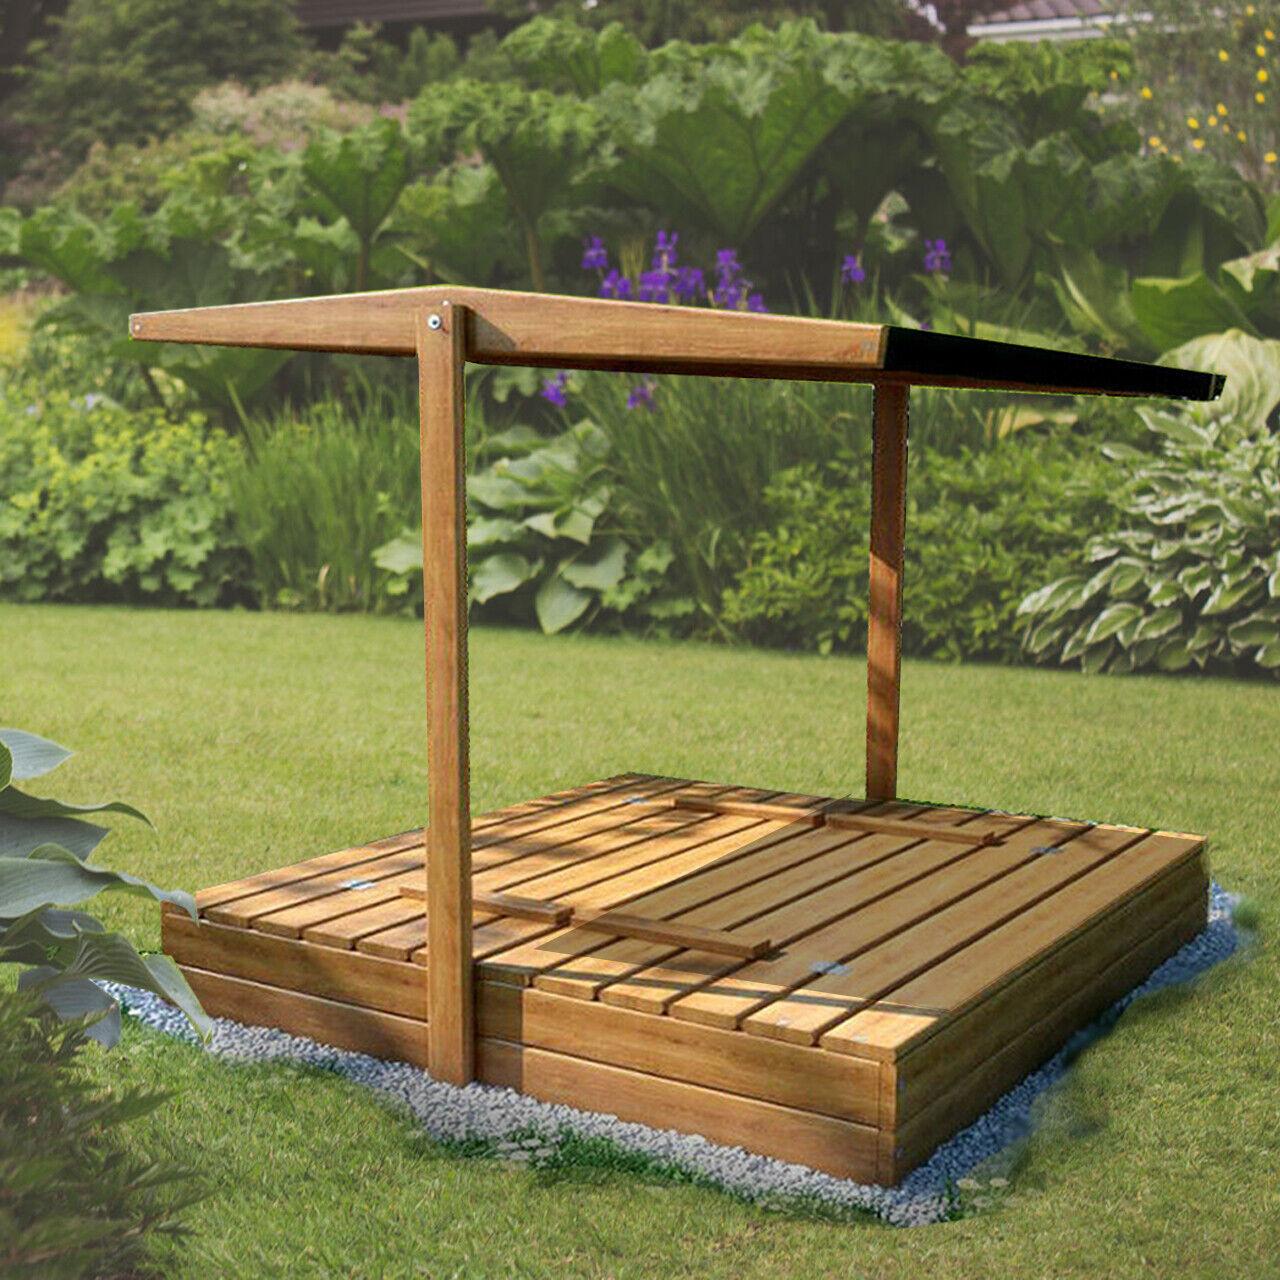 Sandkasten 120 cm mit Dach und Sitzbank, Sandkasten für den Garten, Imprägniert